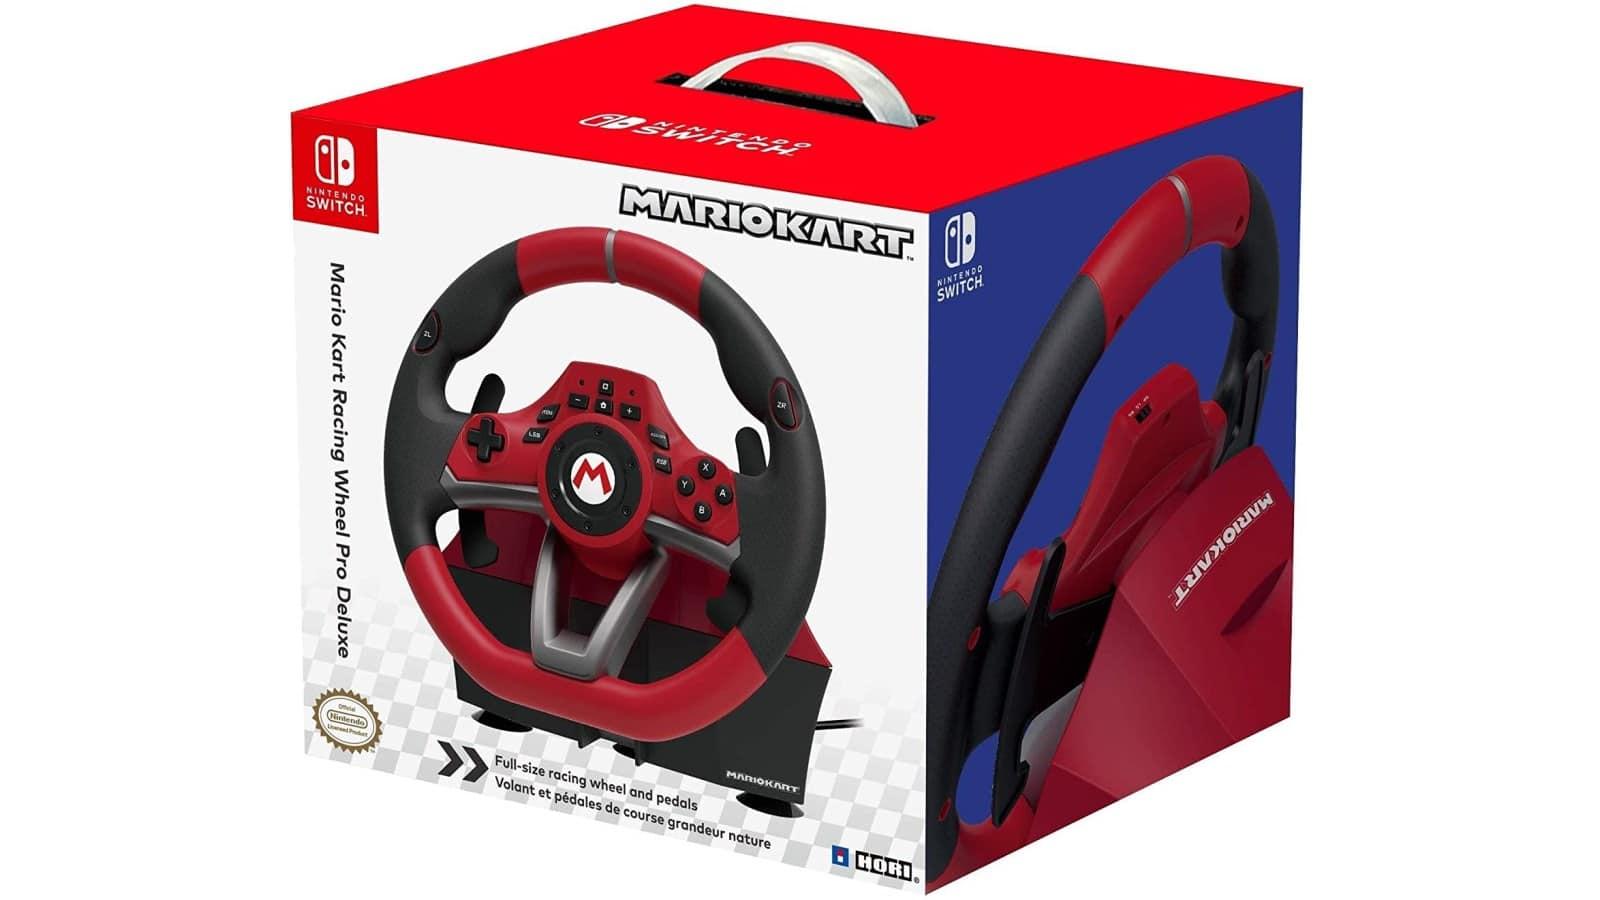 הגה ודוושות Mario Kart Racing Wheel Pro Deluxe